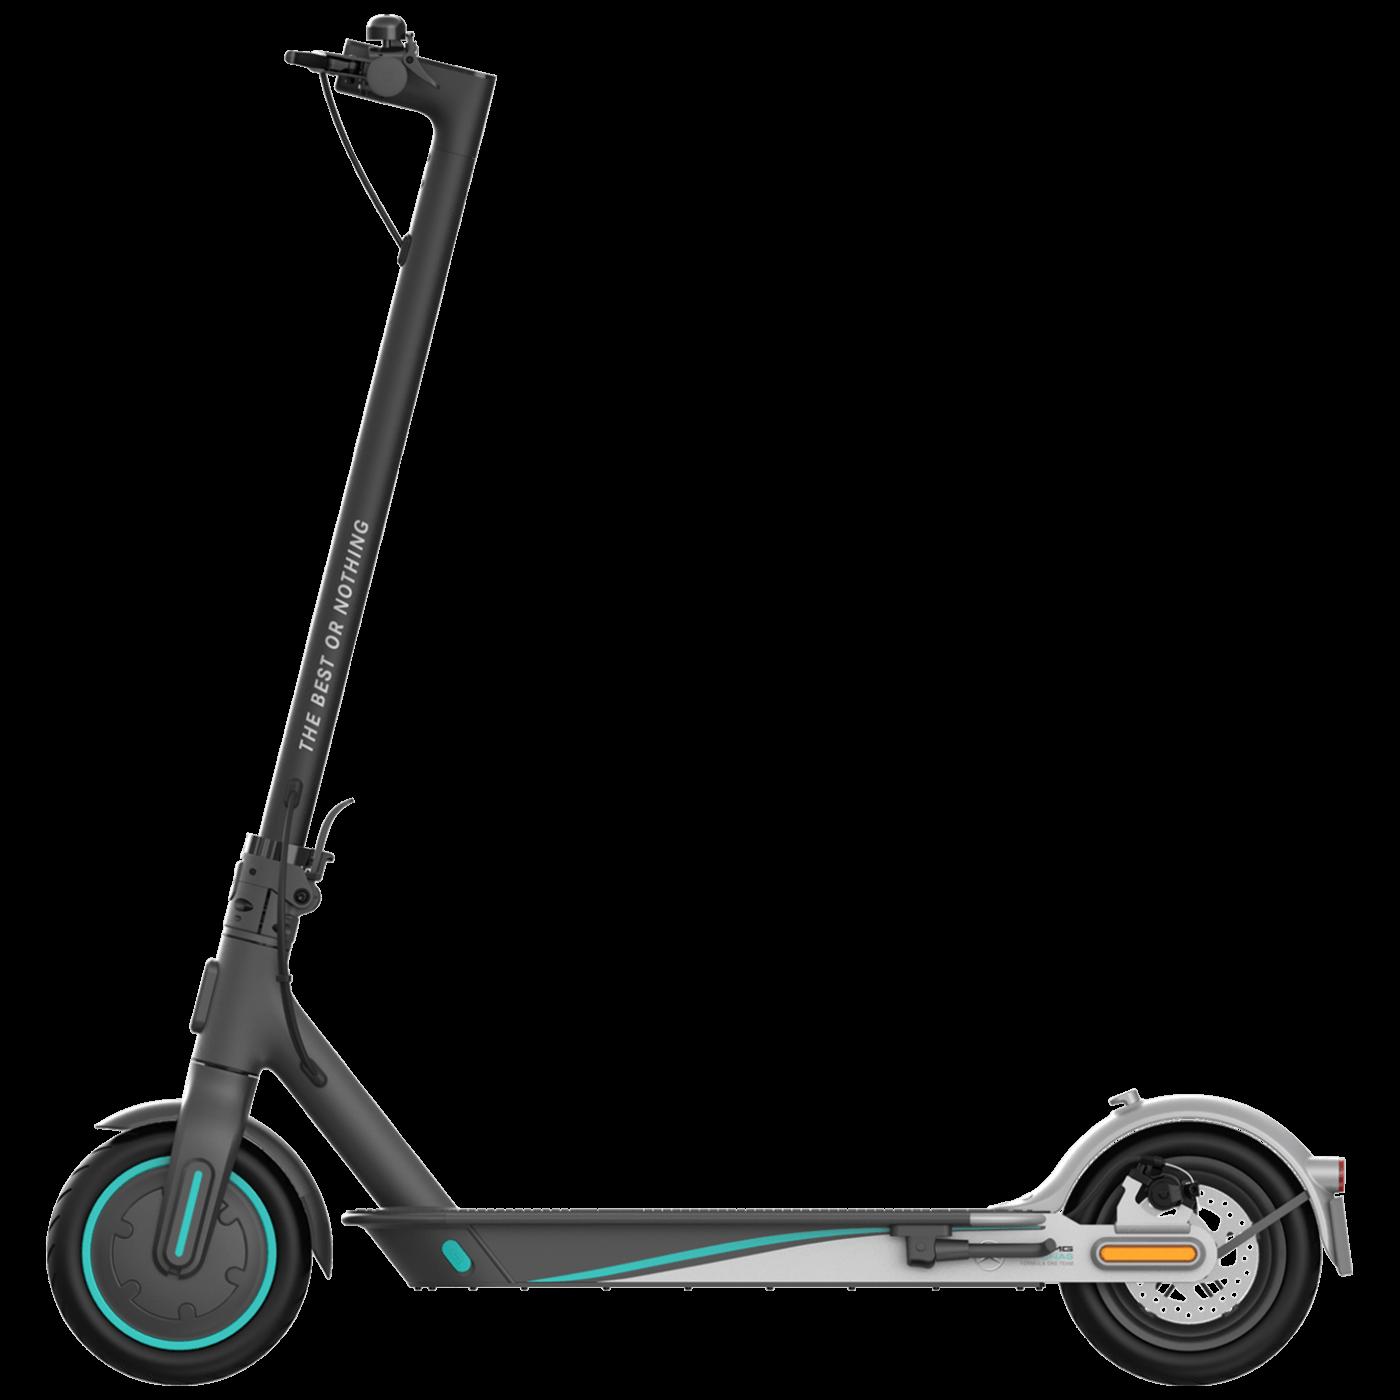 Mi Elec. Scooter Pro2 Mercedes AMG